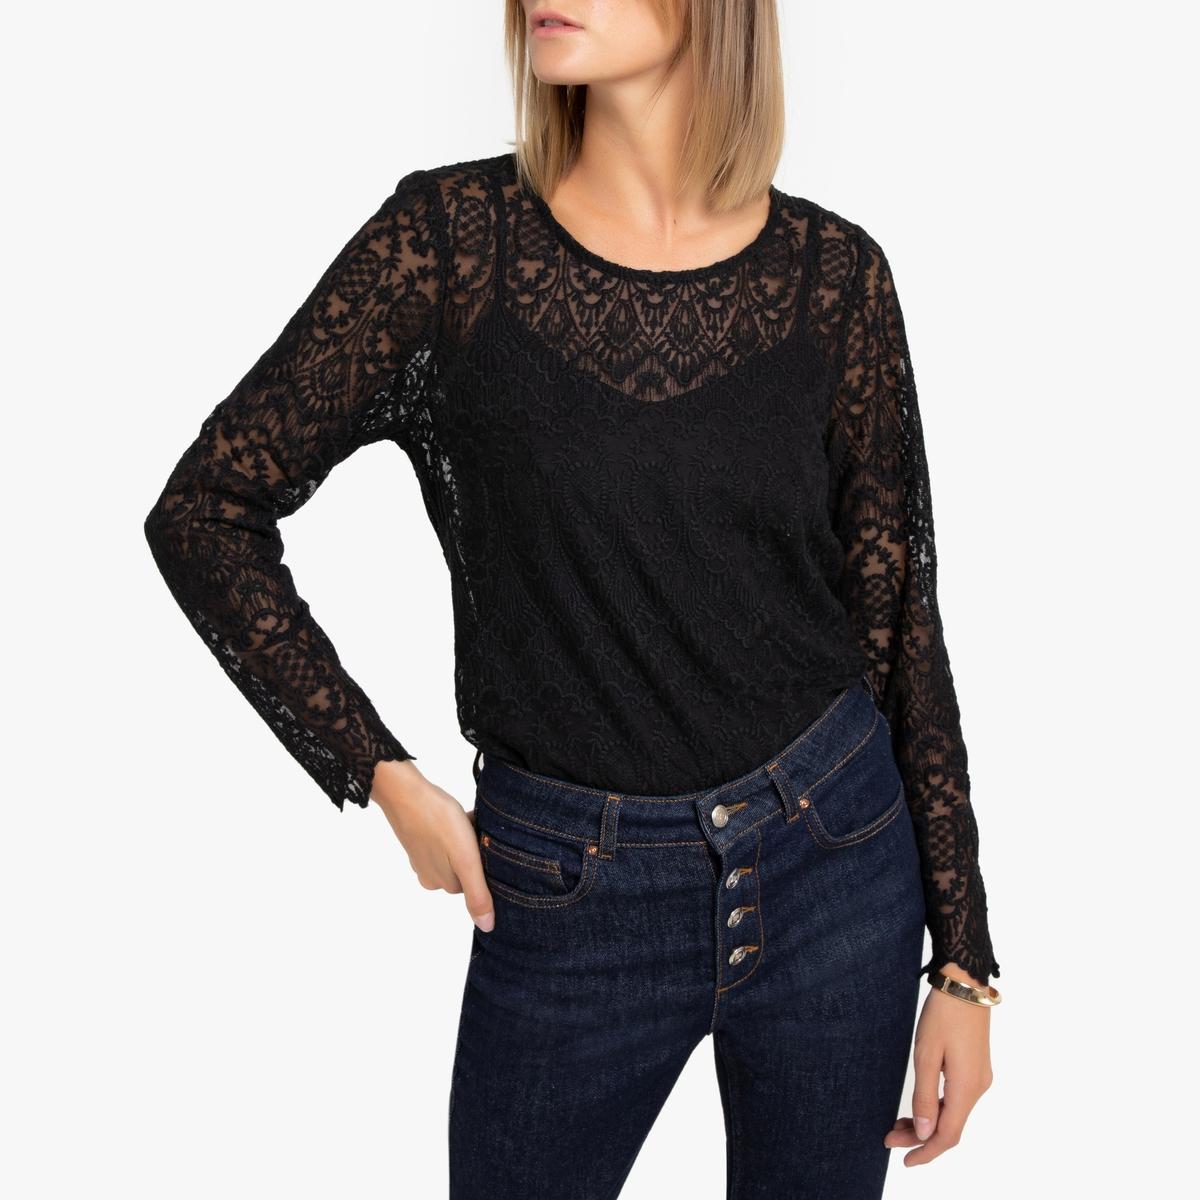 Блузка La Redoute Из кружева с круглым вырезом и длинными рукавами S черный кардиган la redoute с длинными рукавами galinais s черный